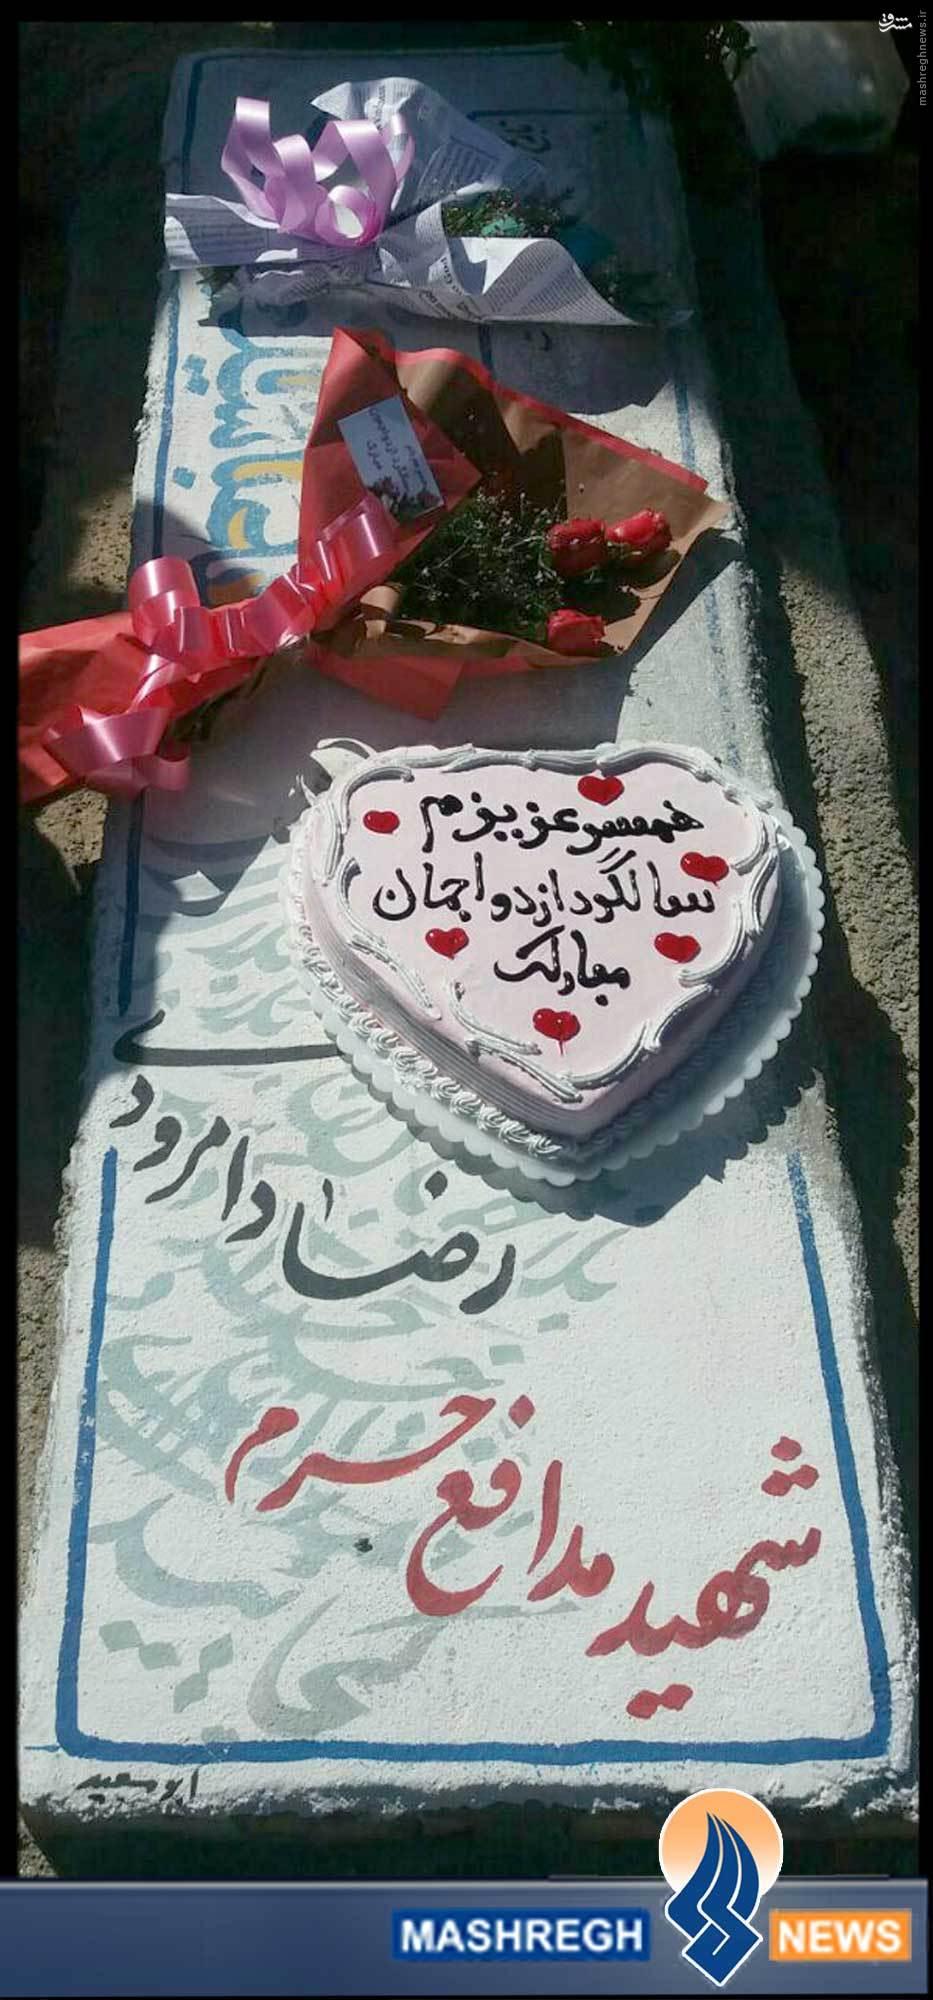 عکس/ یک جشنِ سالگرد ازدواج متفاوت در تهران